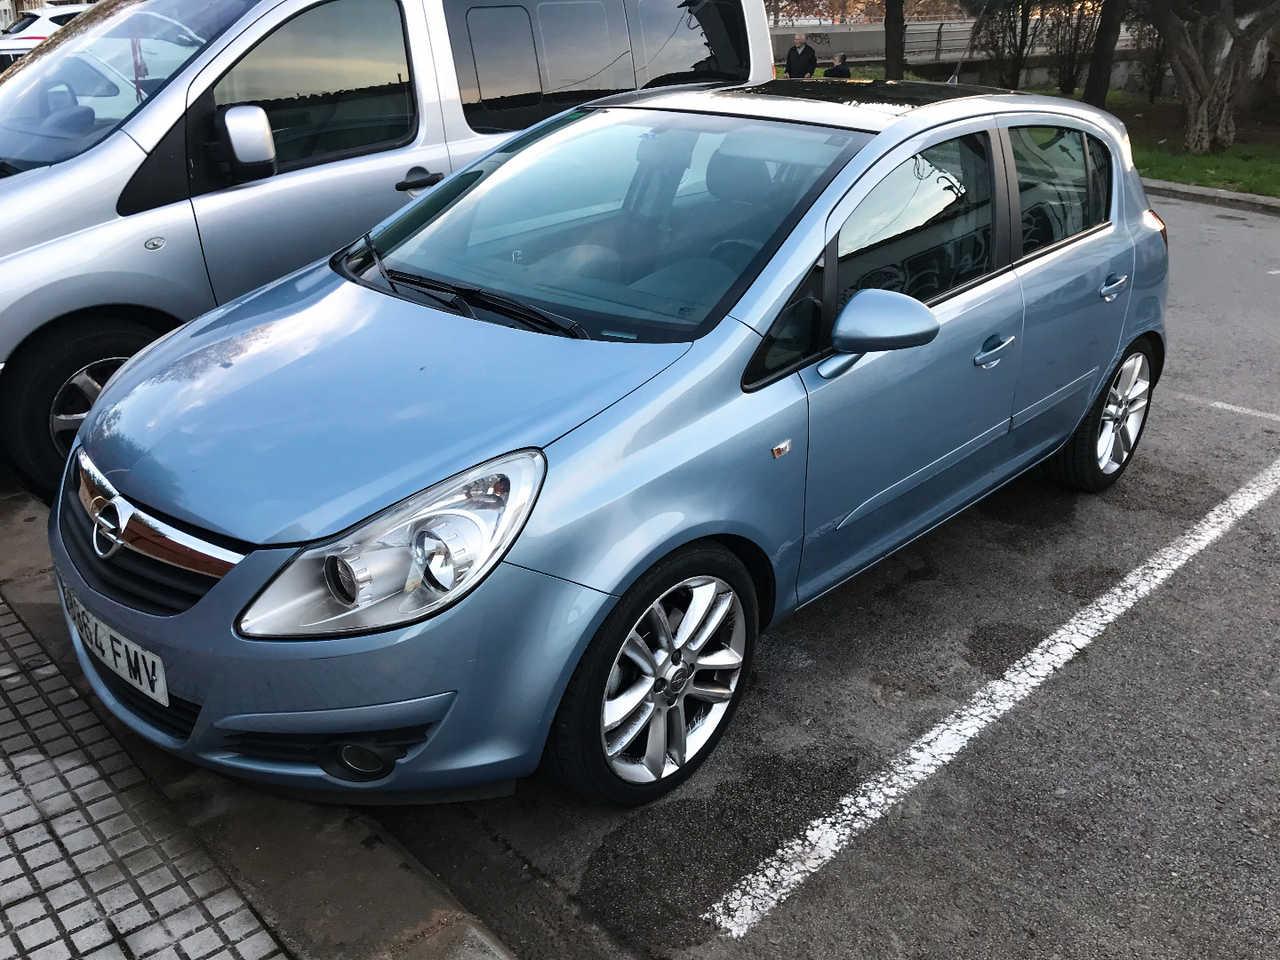 Opel Corsa Motor 1.3 90CV Diesel   - Foto 1